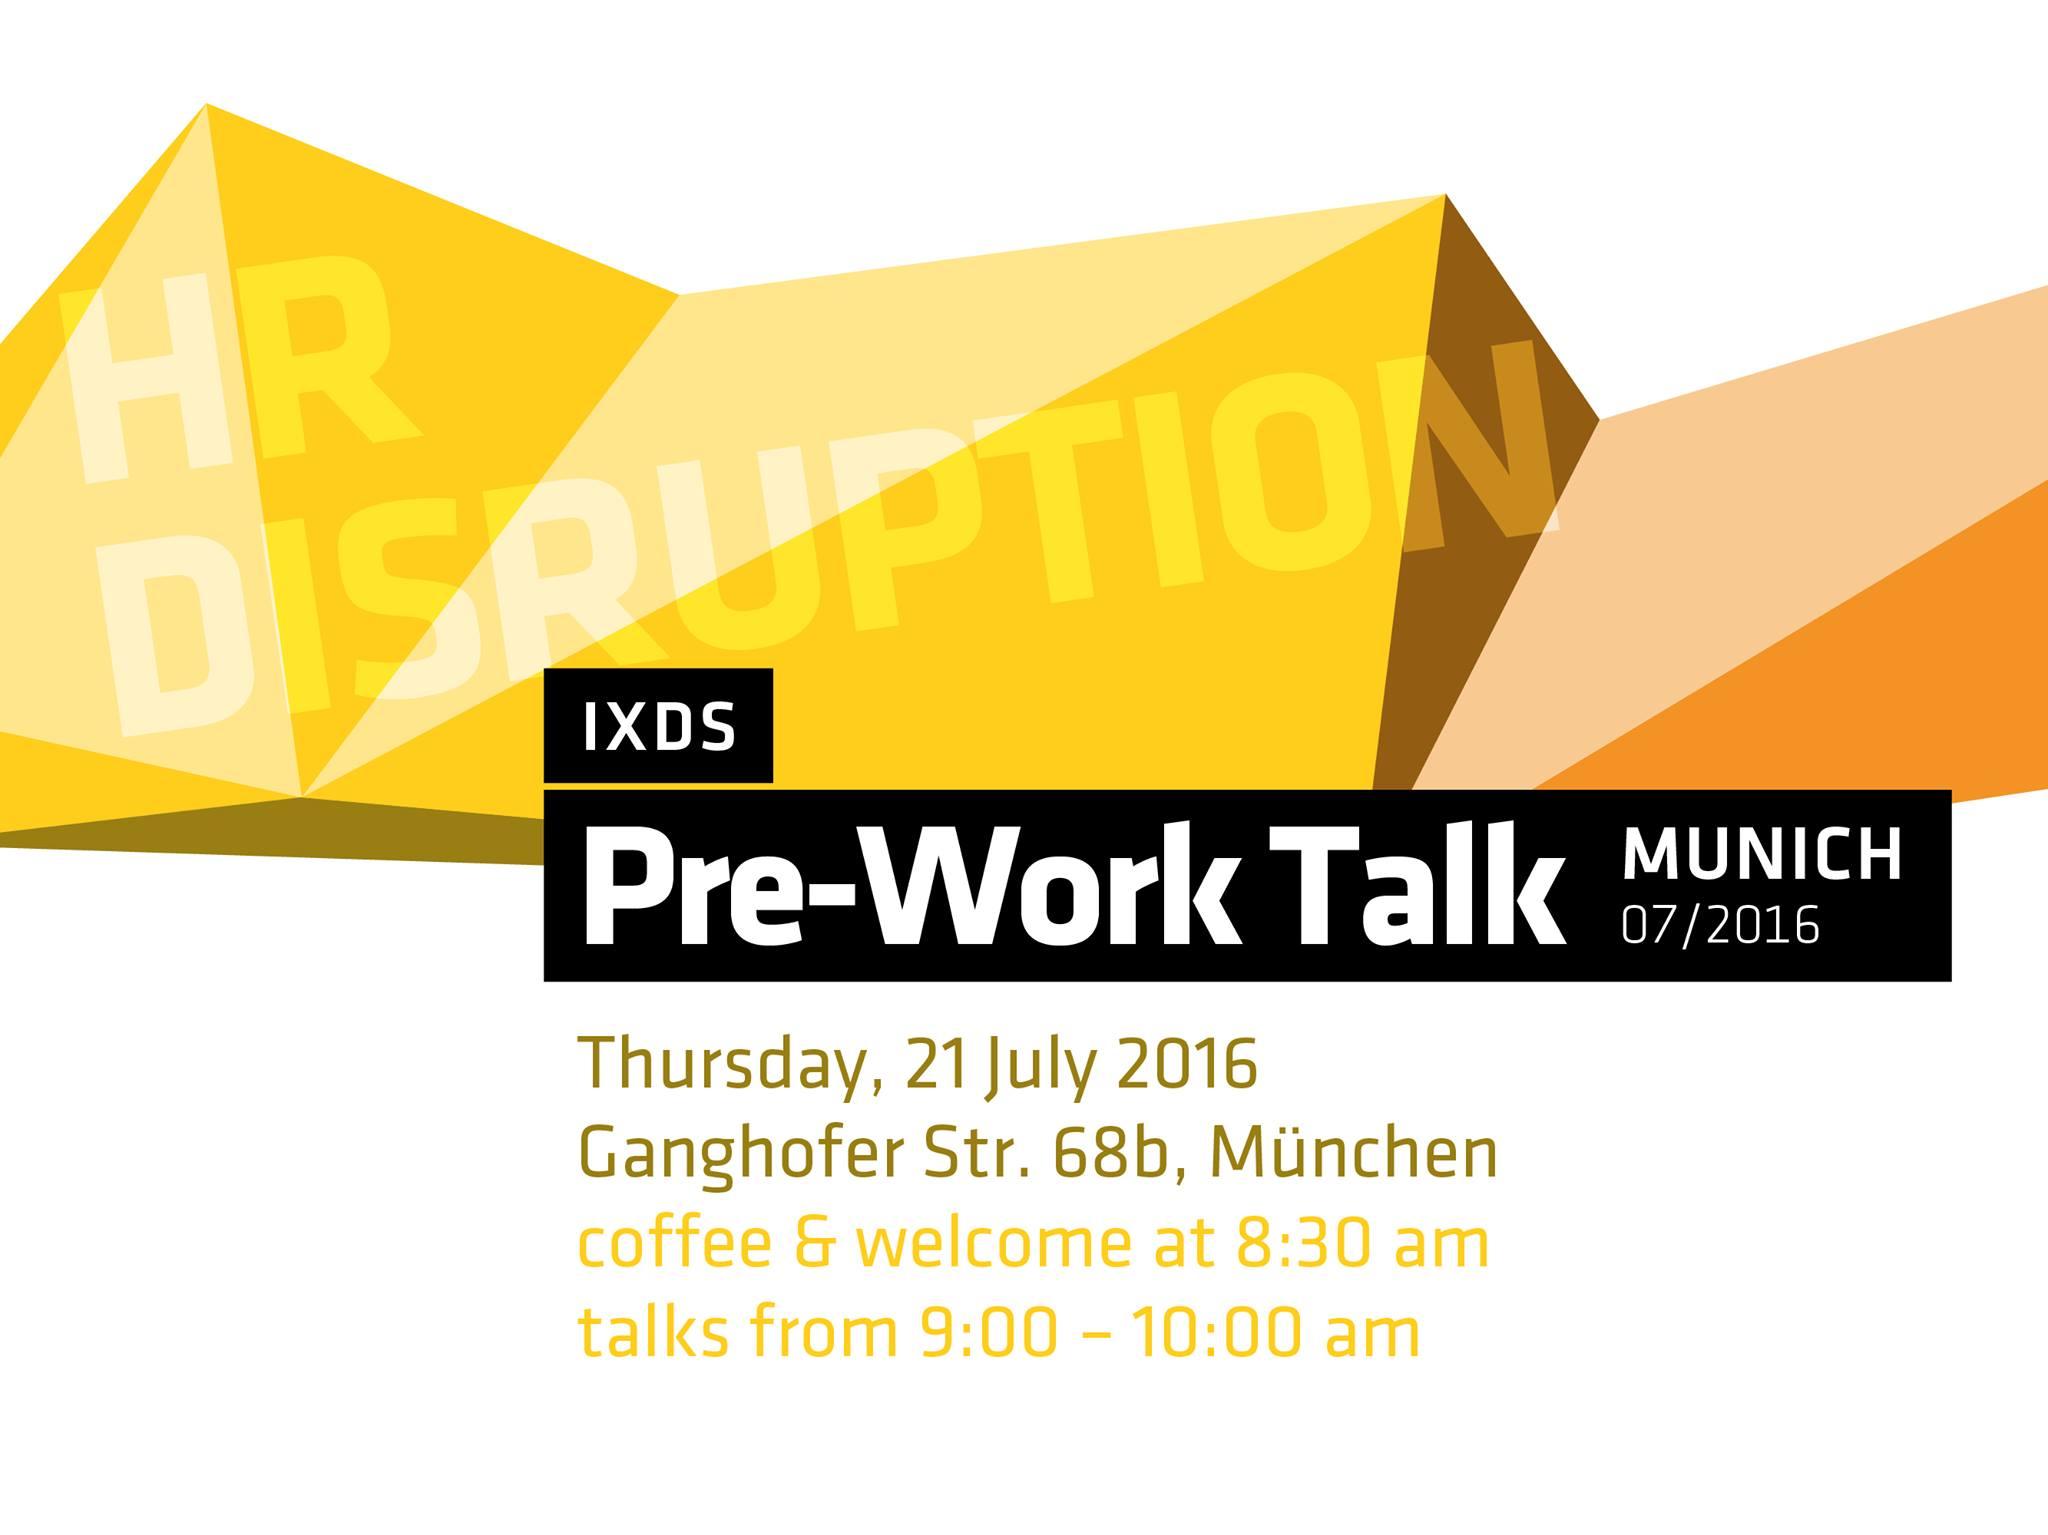 IXDS pre-work talk